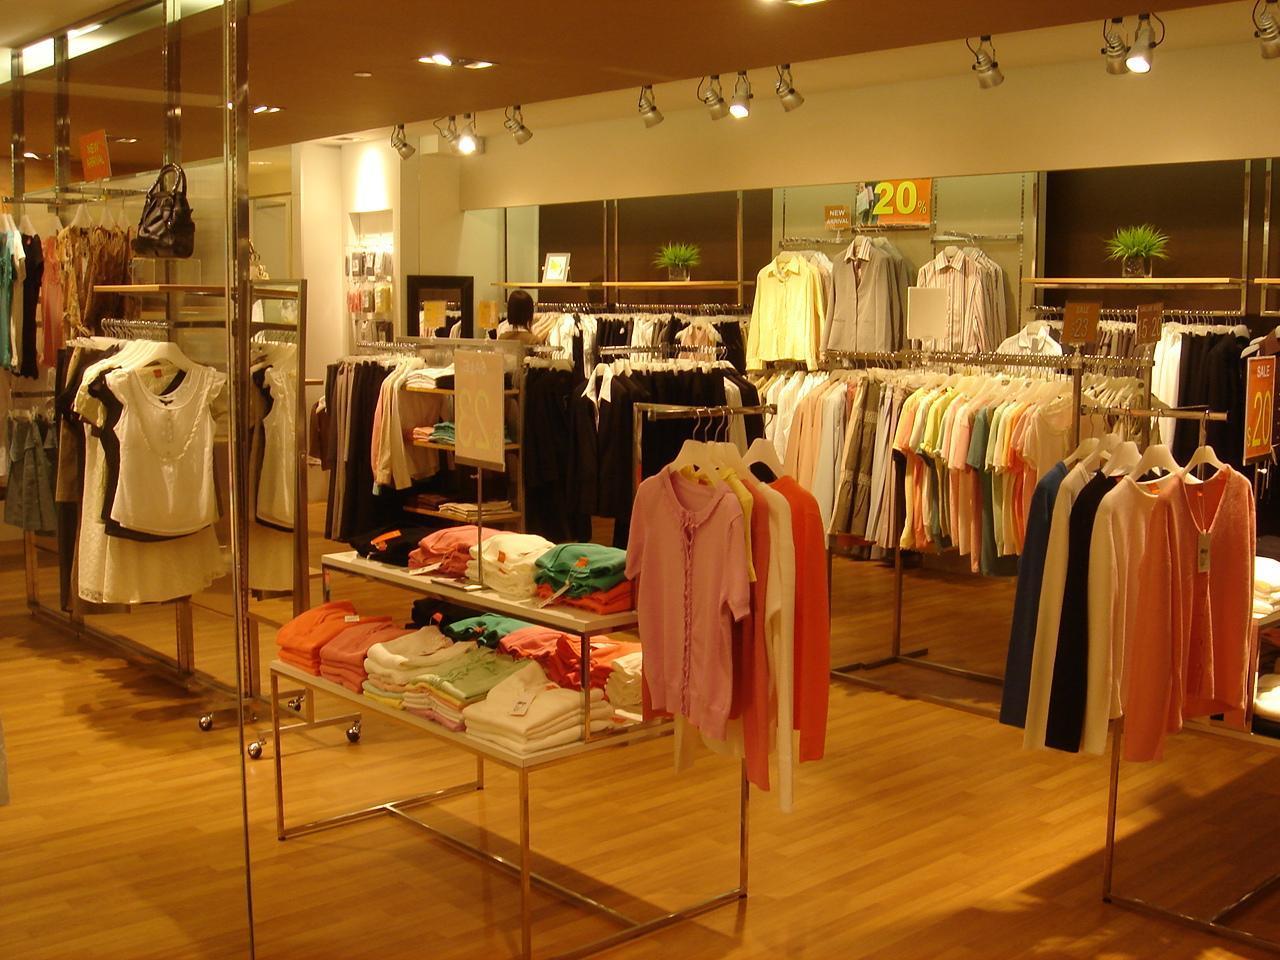 Ứng dụng Zalo Pro để kinh doanh quần áo, giày dép, mỹ phẩm, v.v.v…